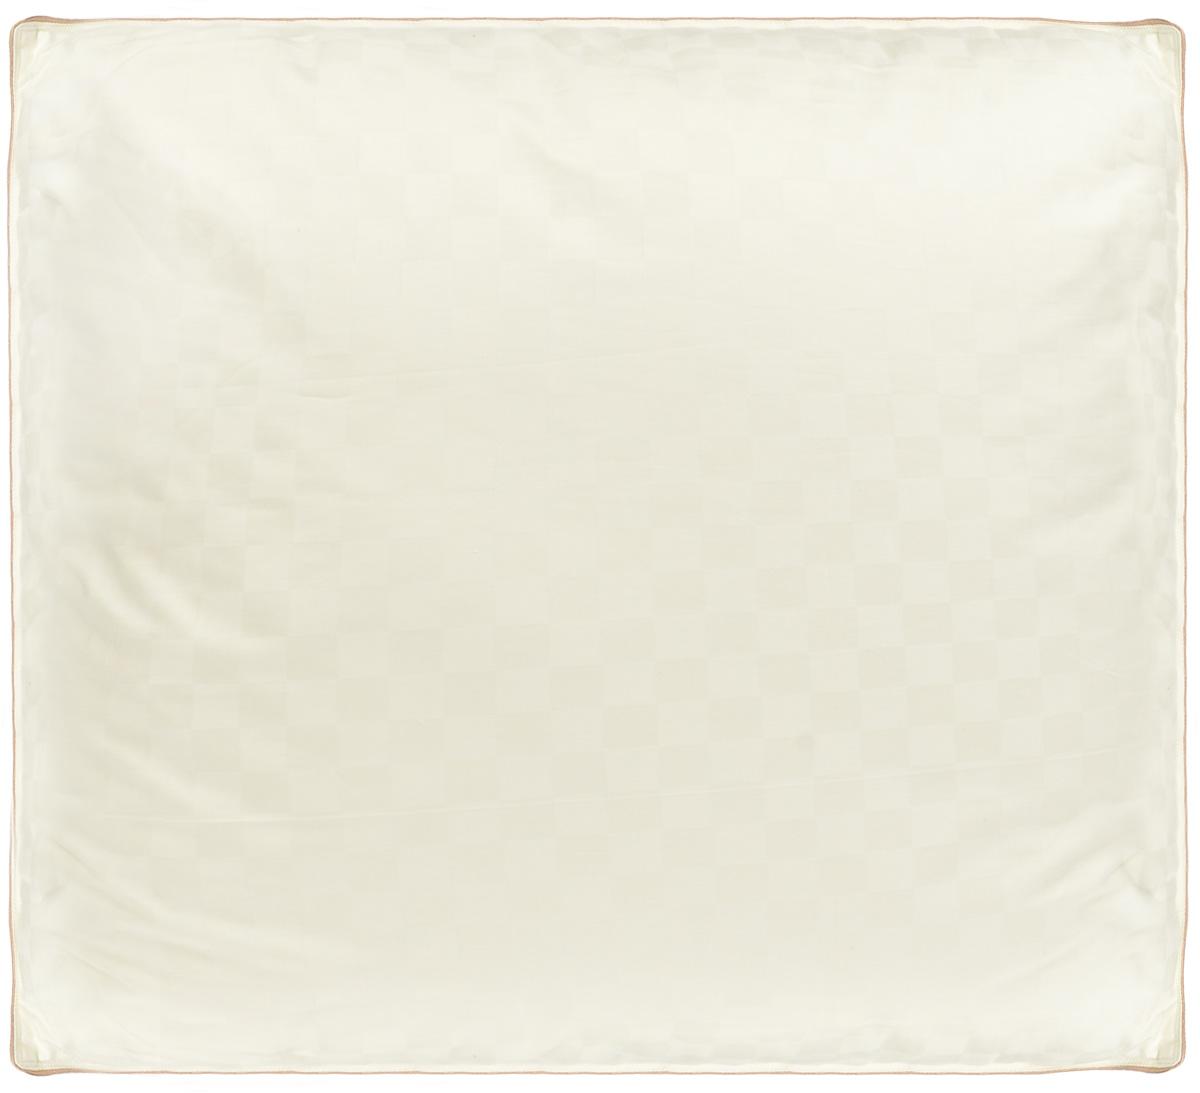 Подушка Легкие сны Мечта, наполнитель: гусиный пух, 68 х 68 см подушка легкие сны sandman наполнитель гусиный пух категории экстра 50 х 68 см